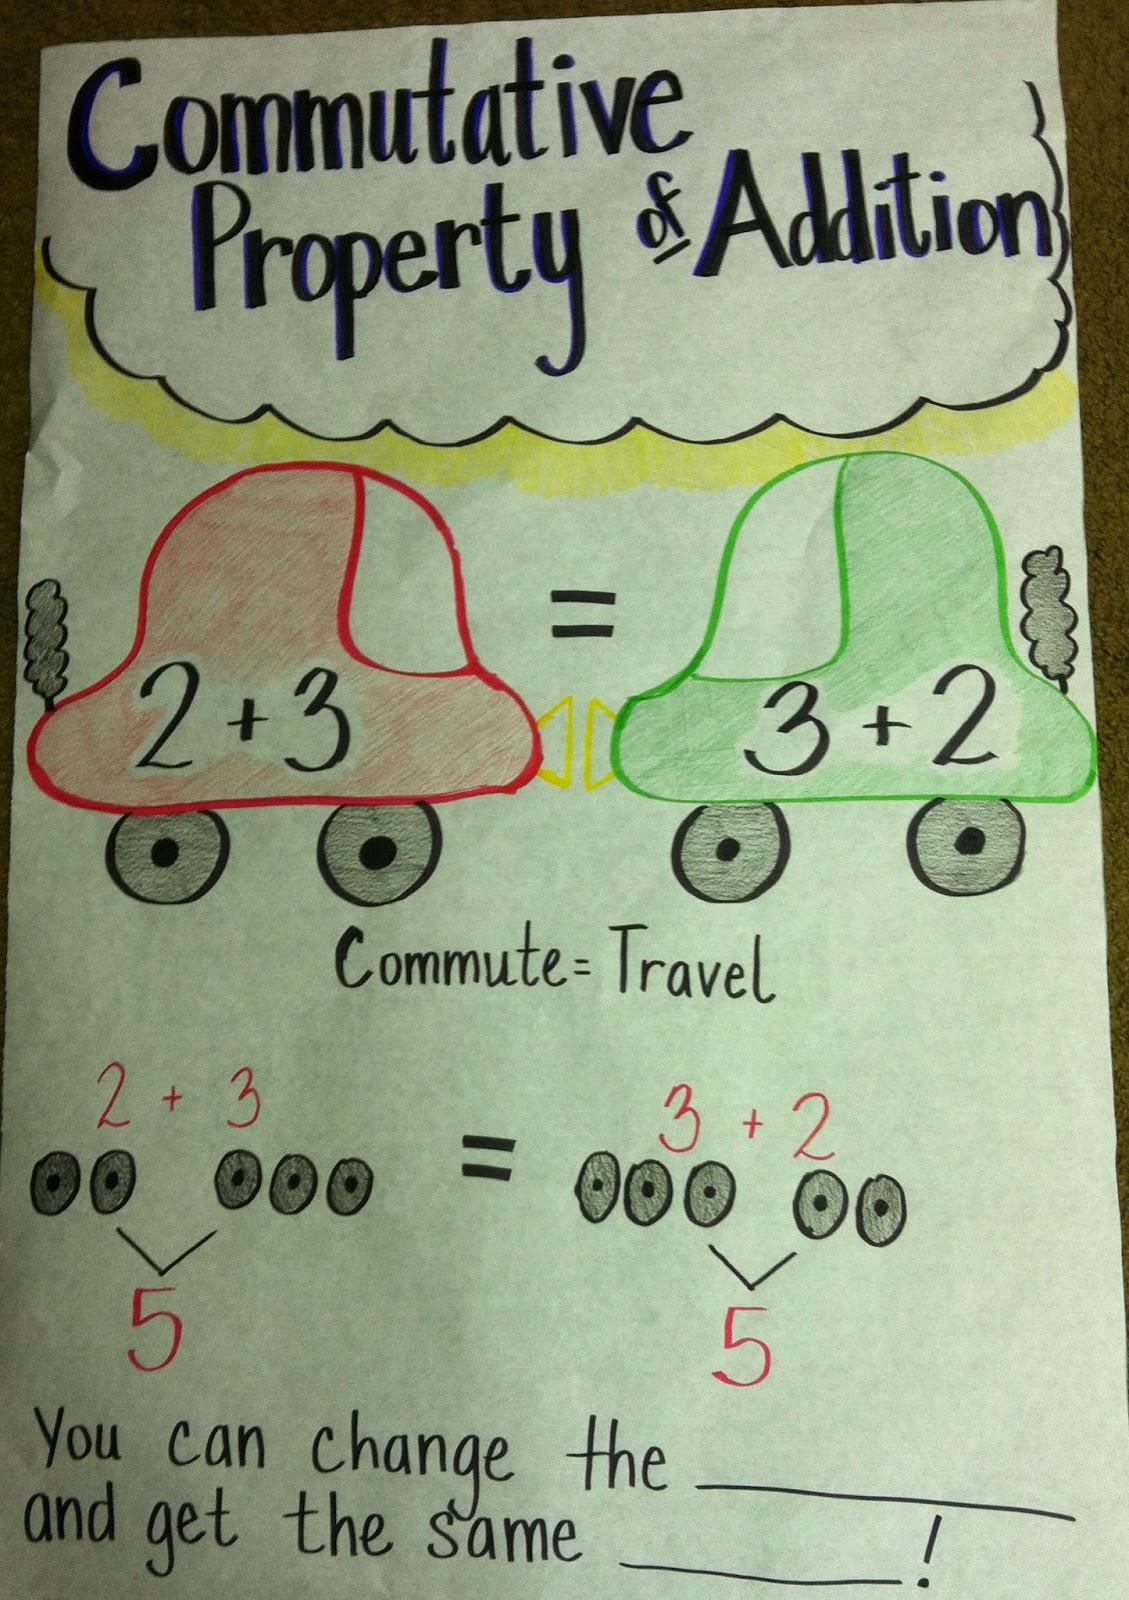 Commutative Property And Associative Property Commutative property of